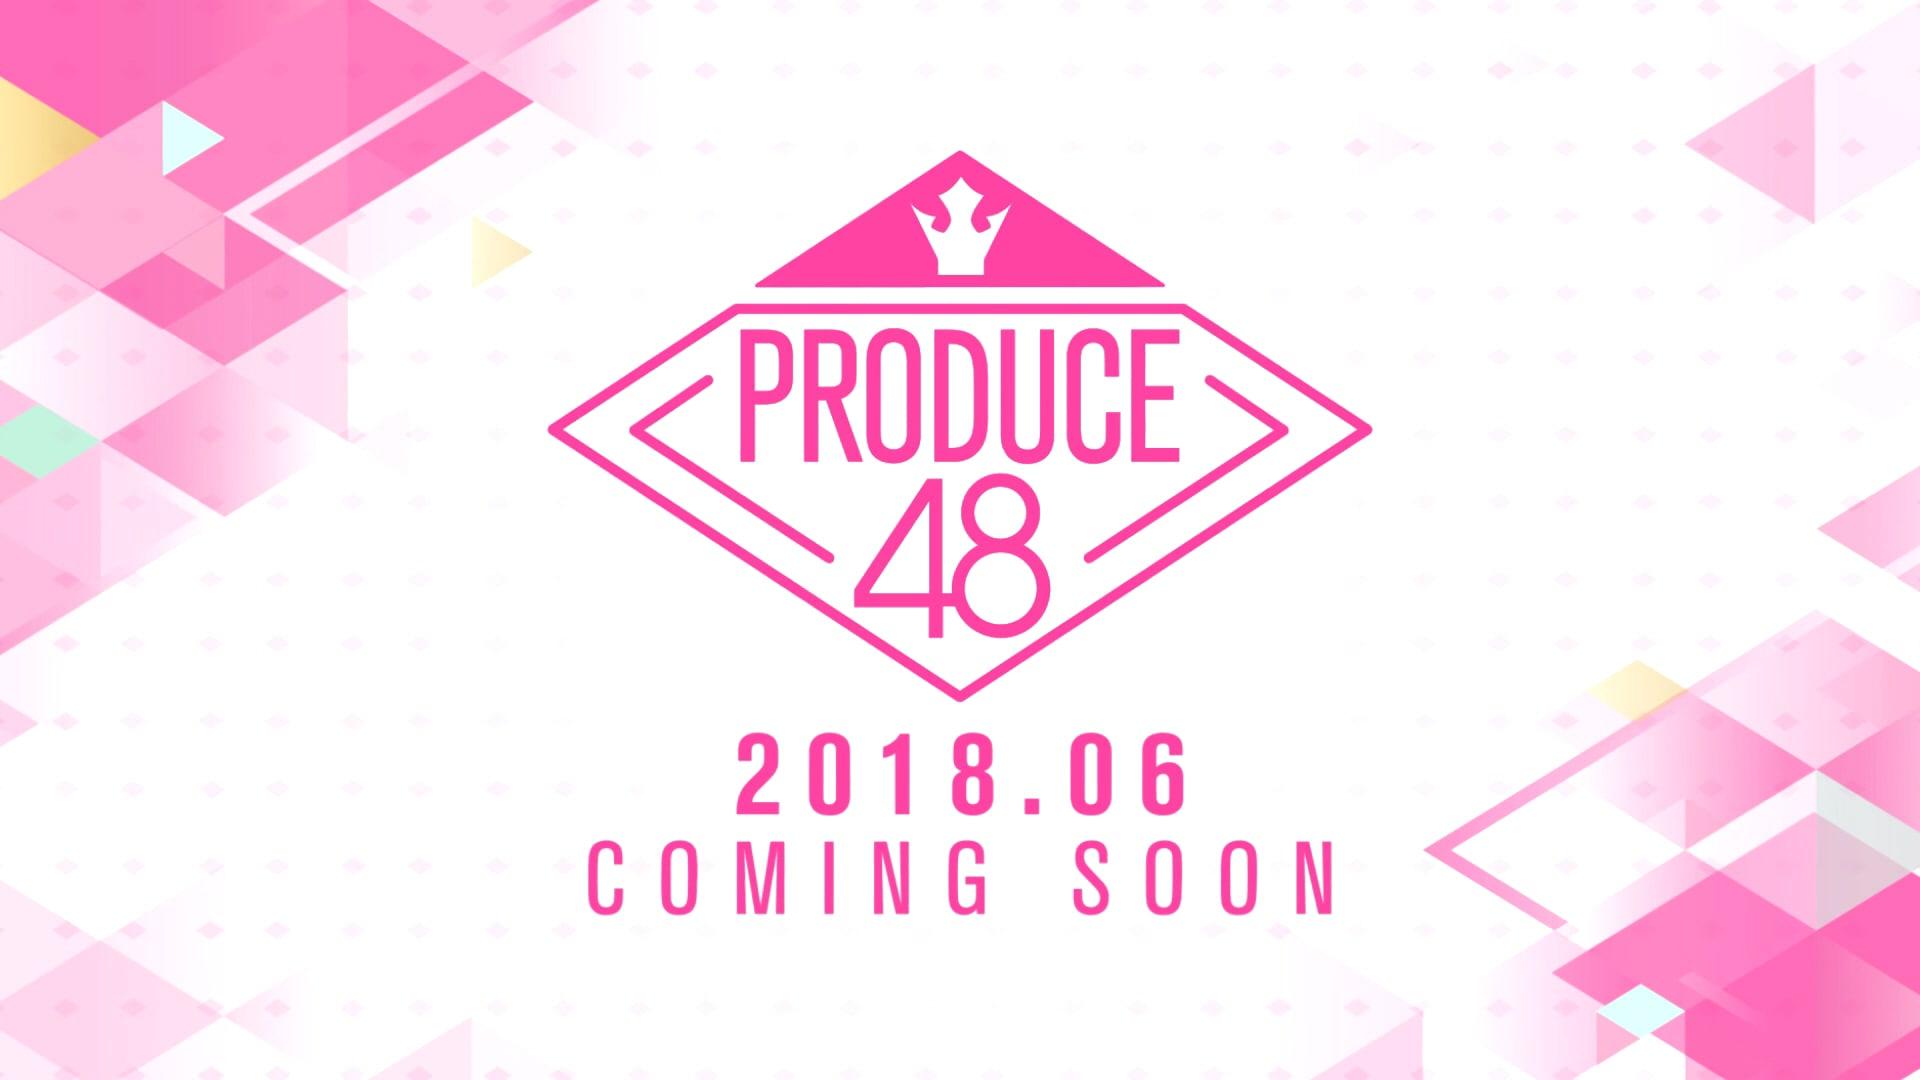 Produce-482.jpg